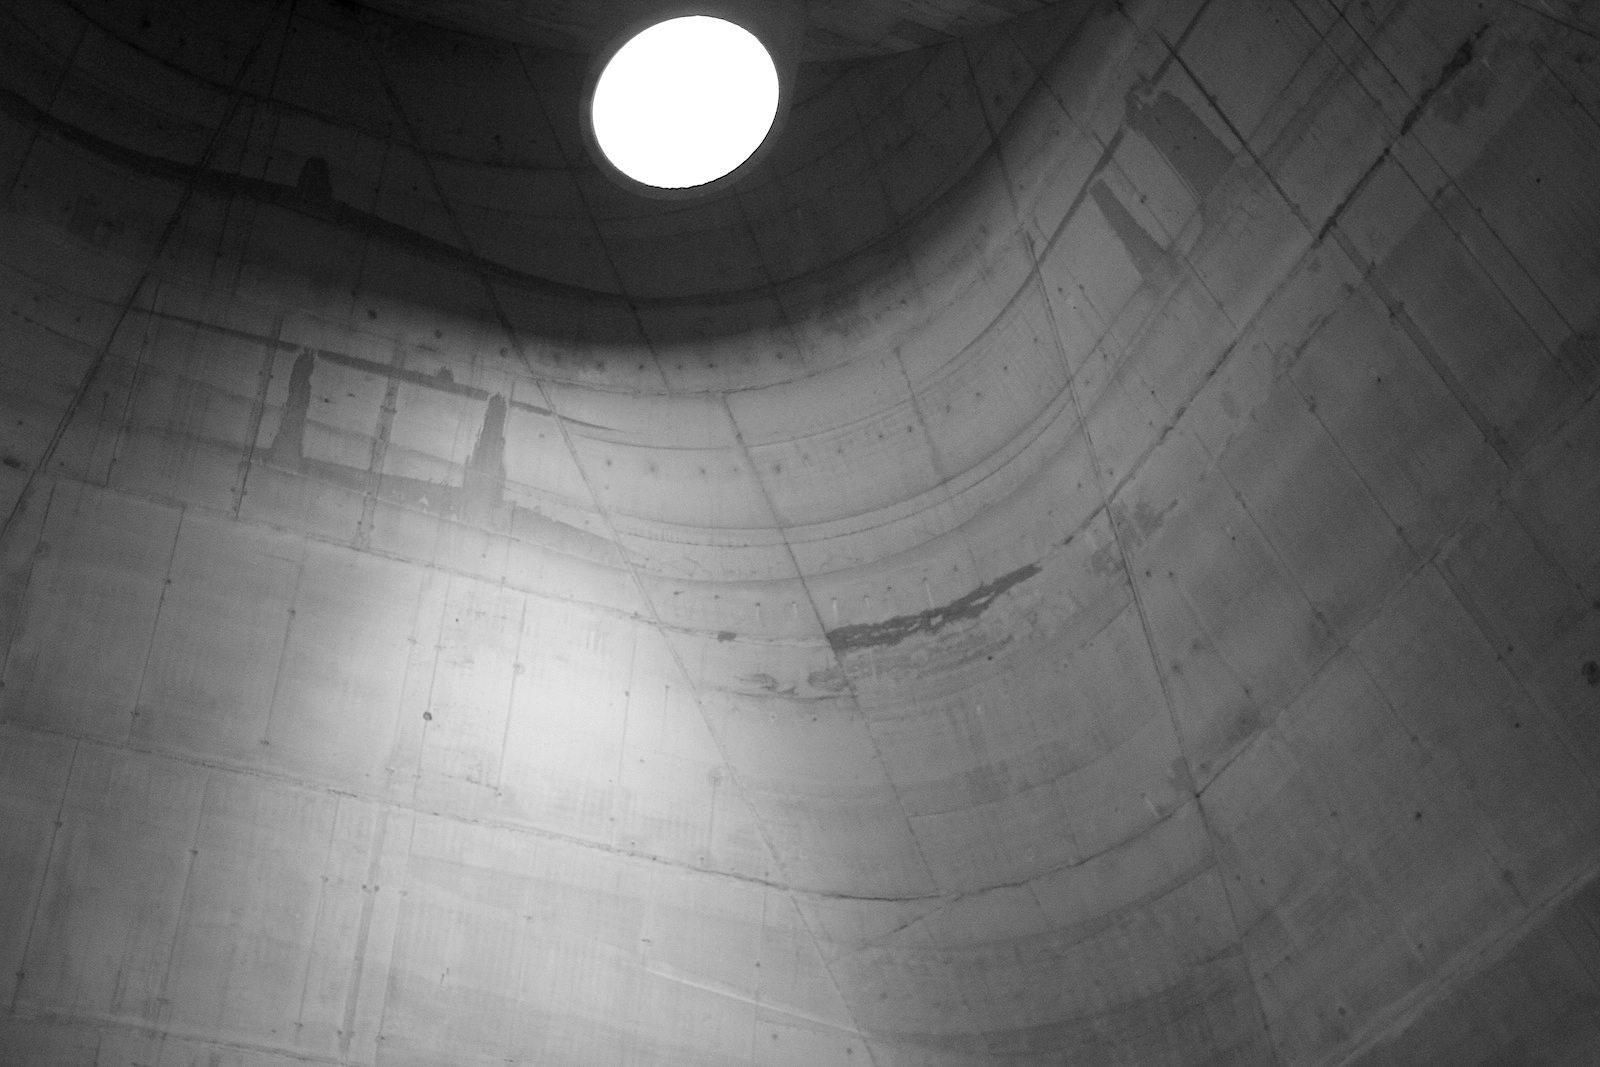 L'église Saint-Pierre.  Nach Aussagen der Site Le Corbusier ziehen die Bauten in Firminy-Vert bis zu 20.000 Besucherinnen und Besucher pro Jahr an.